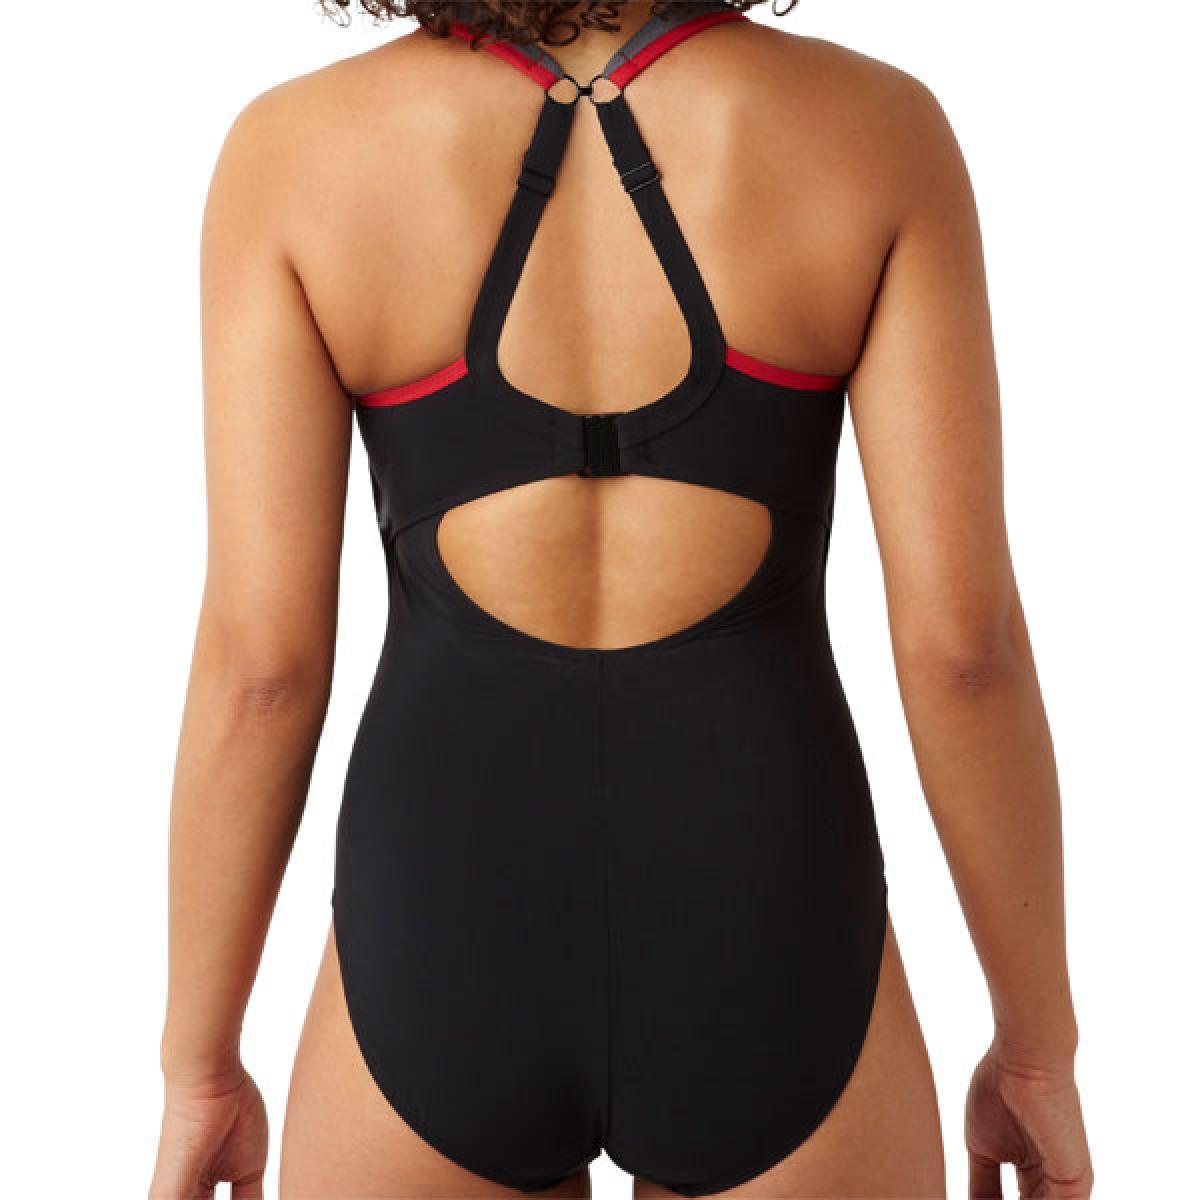 06ea473c06 Maillot de bain sport une pièce Panache Sport black Panache Maillot ...